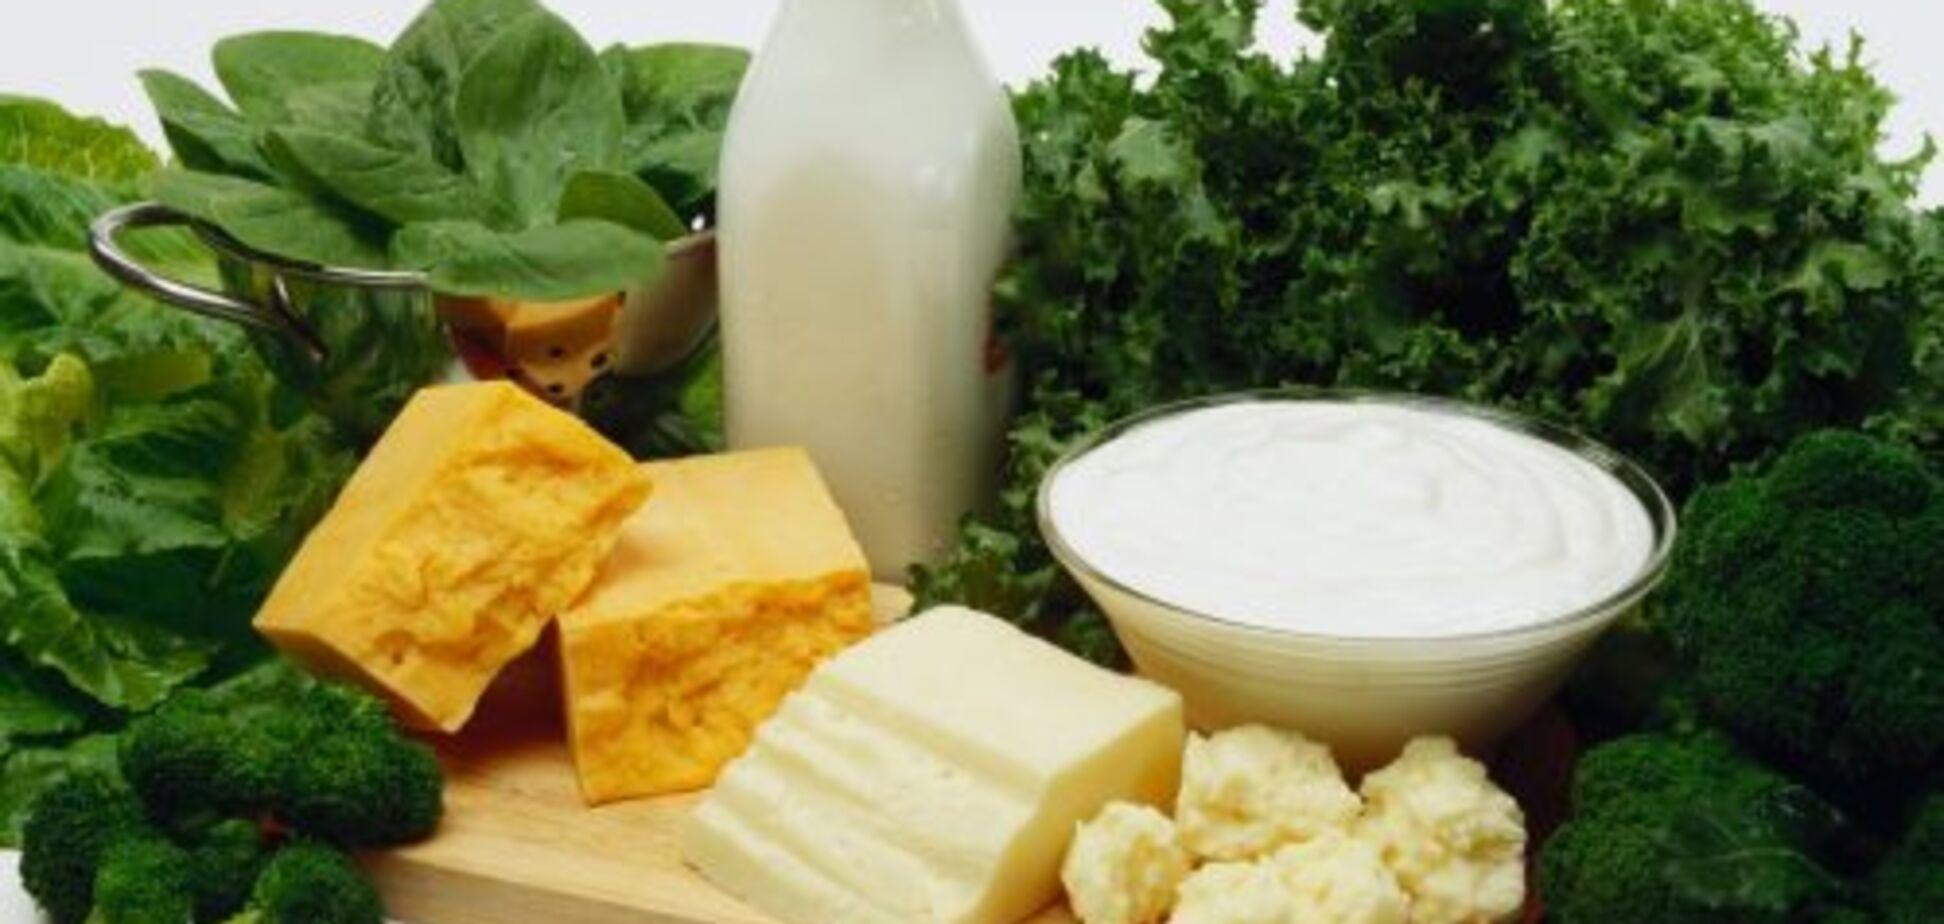 Кальцій проти раку: лікарі назвали продукти, які захищають кишечник